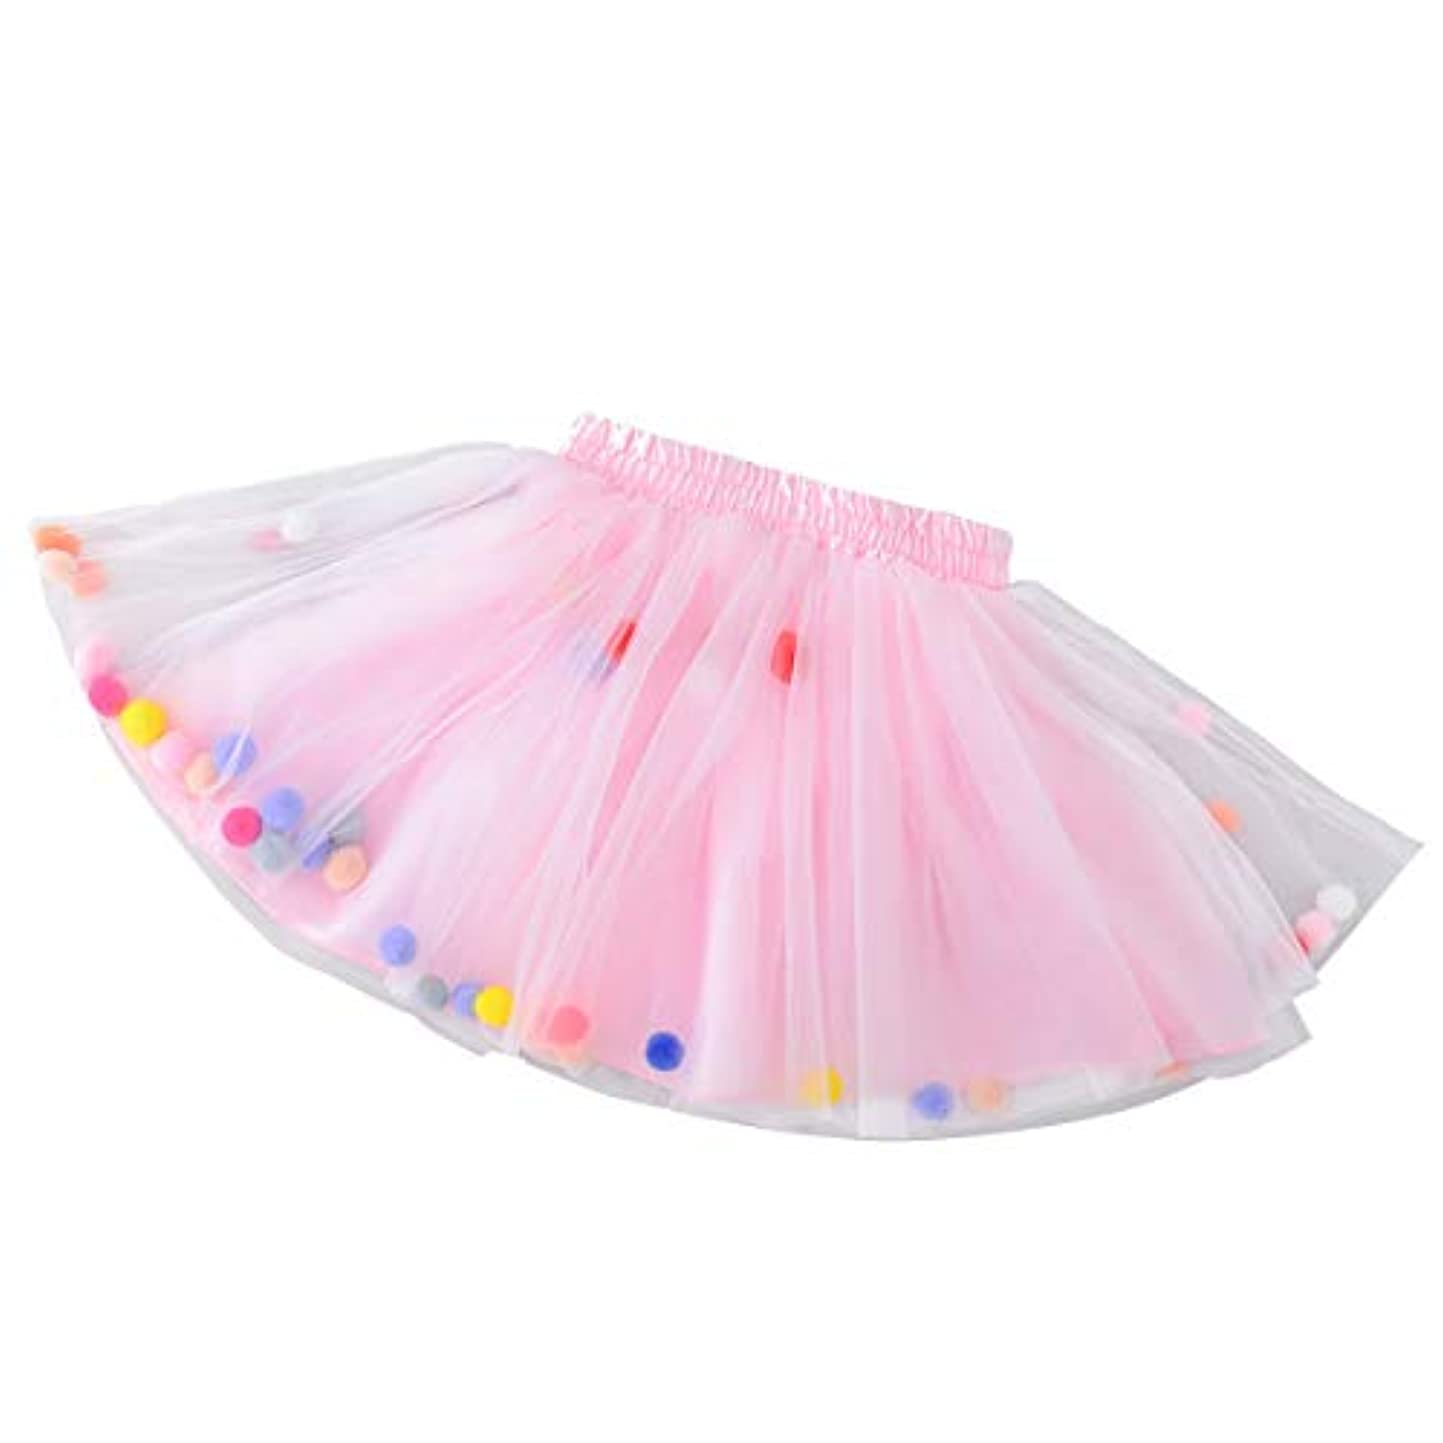 石灰岩サーバ正当化するYeahiBaby 子供チュチュスカートラブリーピンクミディスカートカラフルなファジーボールガーゼスカートプリンセスドレス衣装用女の子(サイズl)